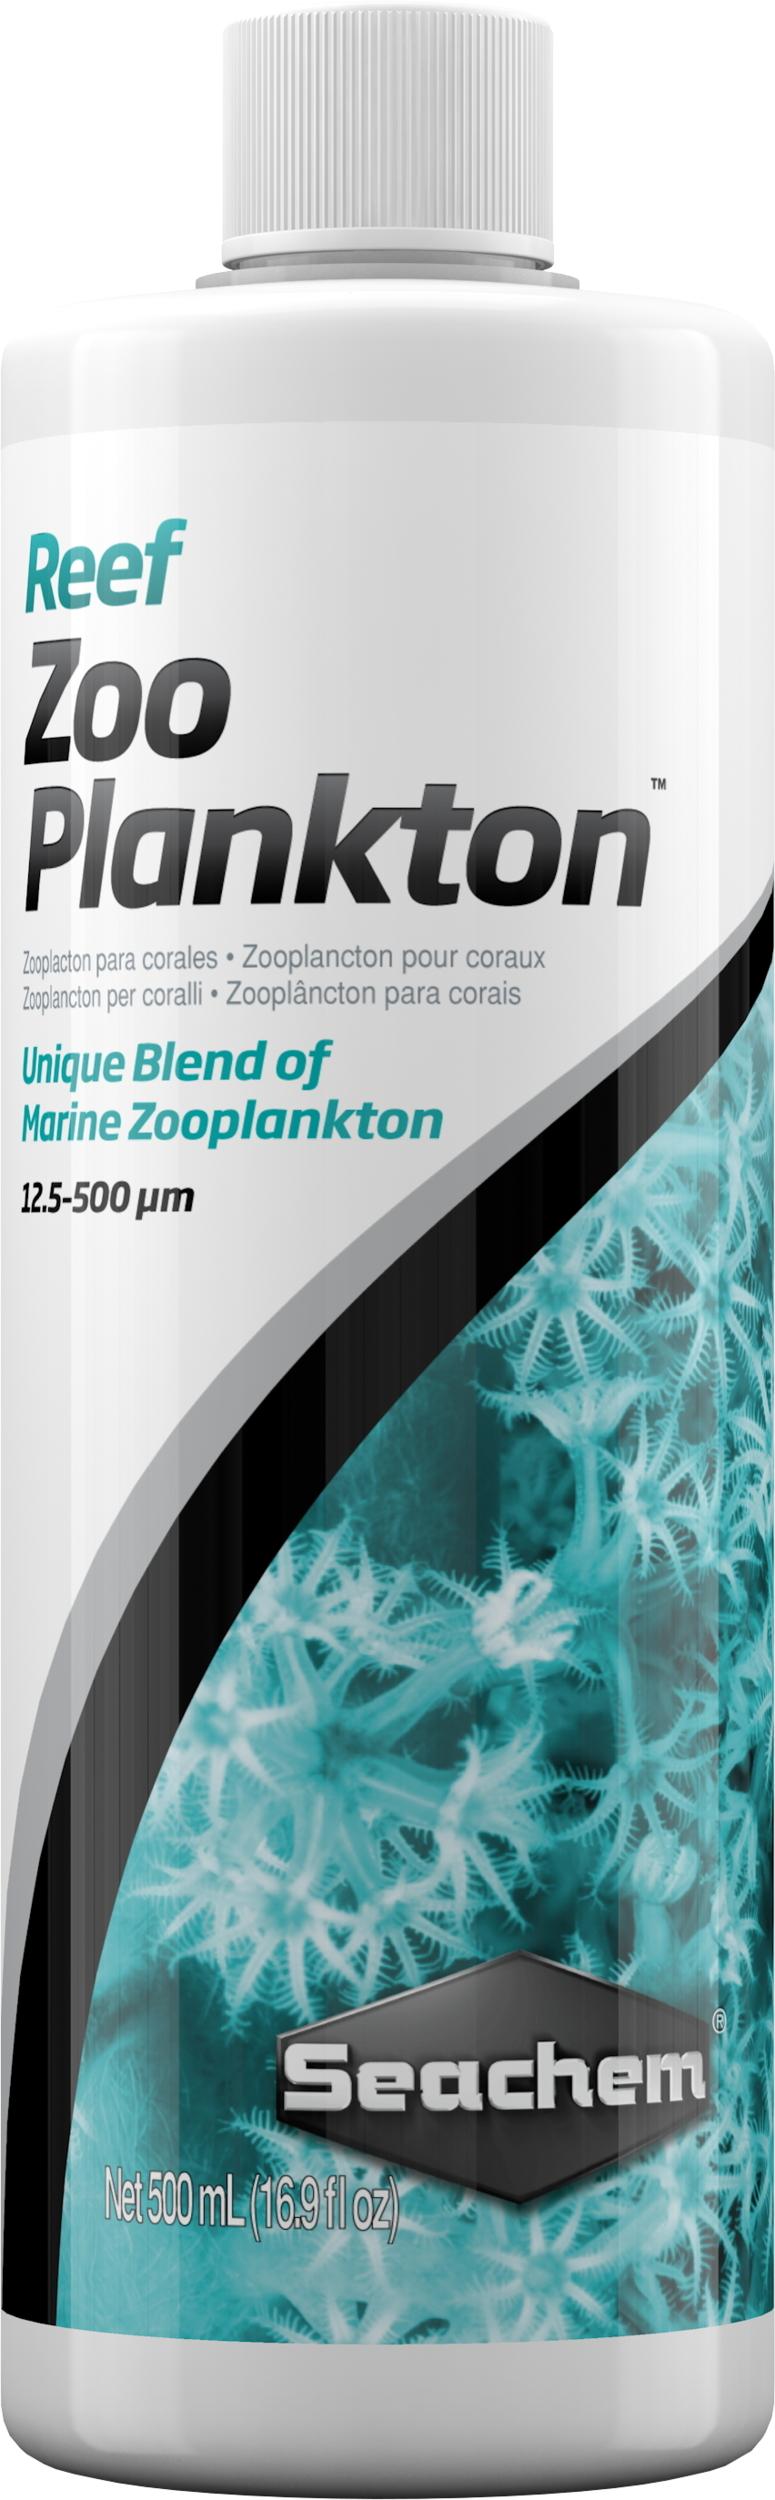 SEACHEM Reef Zooplankton 500 ml nourriture pour coraux et invertébrés à base zooplancton naturels